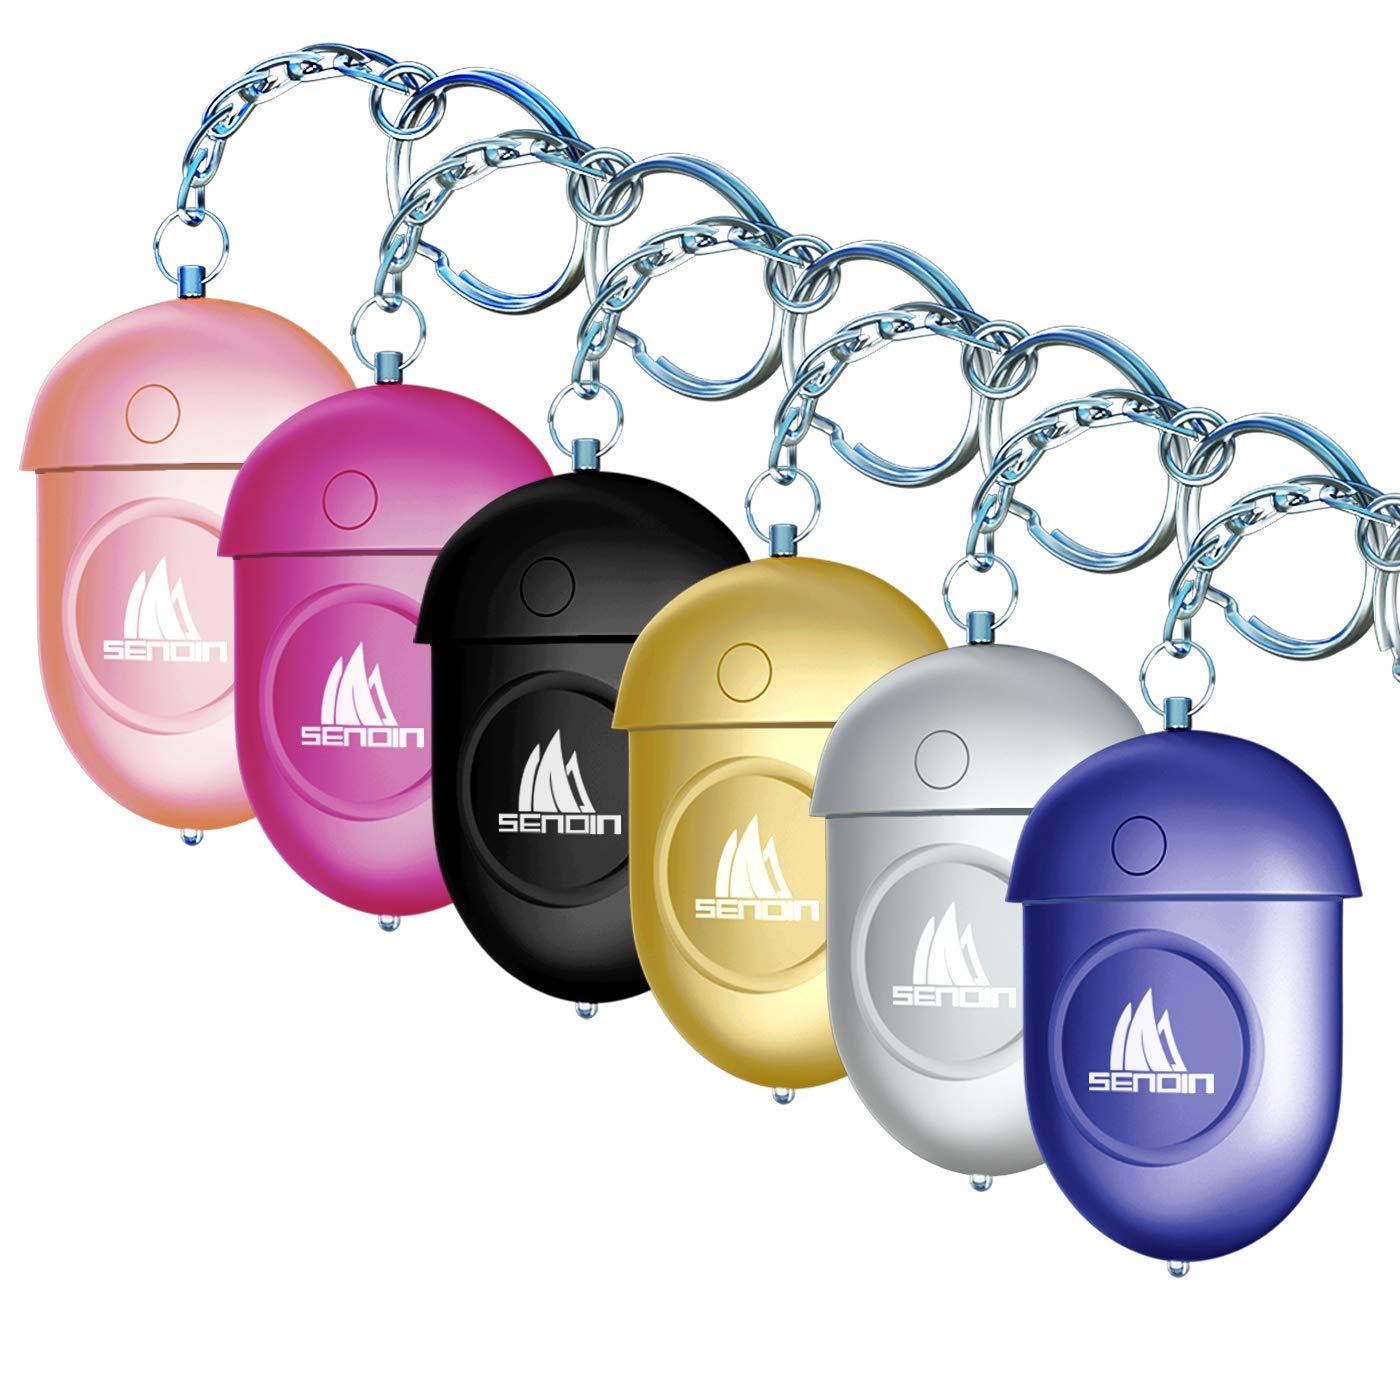 autodefensa de Emergencia para Mujeres ni/ños y Ancianos Sendin Safe Sound Llavero con Alarma Personal de 130DB con luz LED Alarma Personal